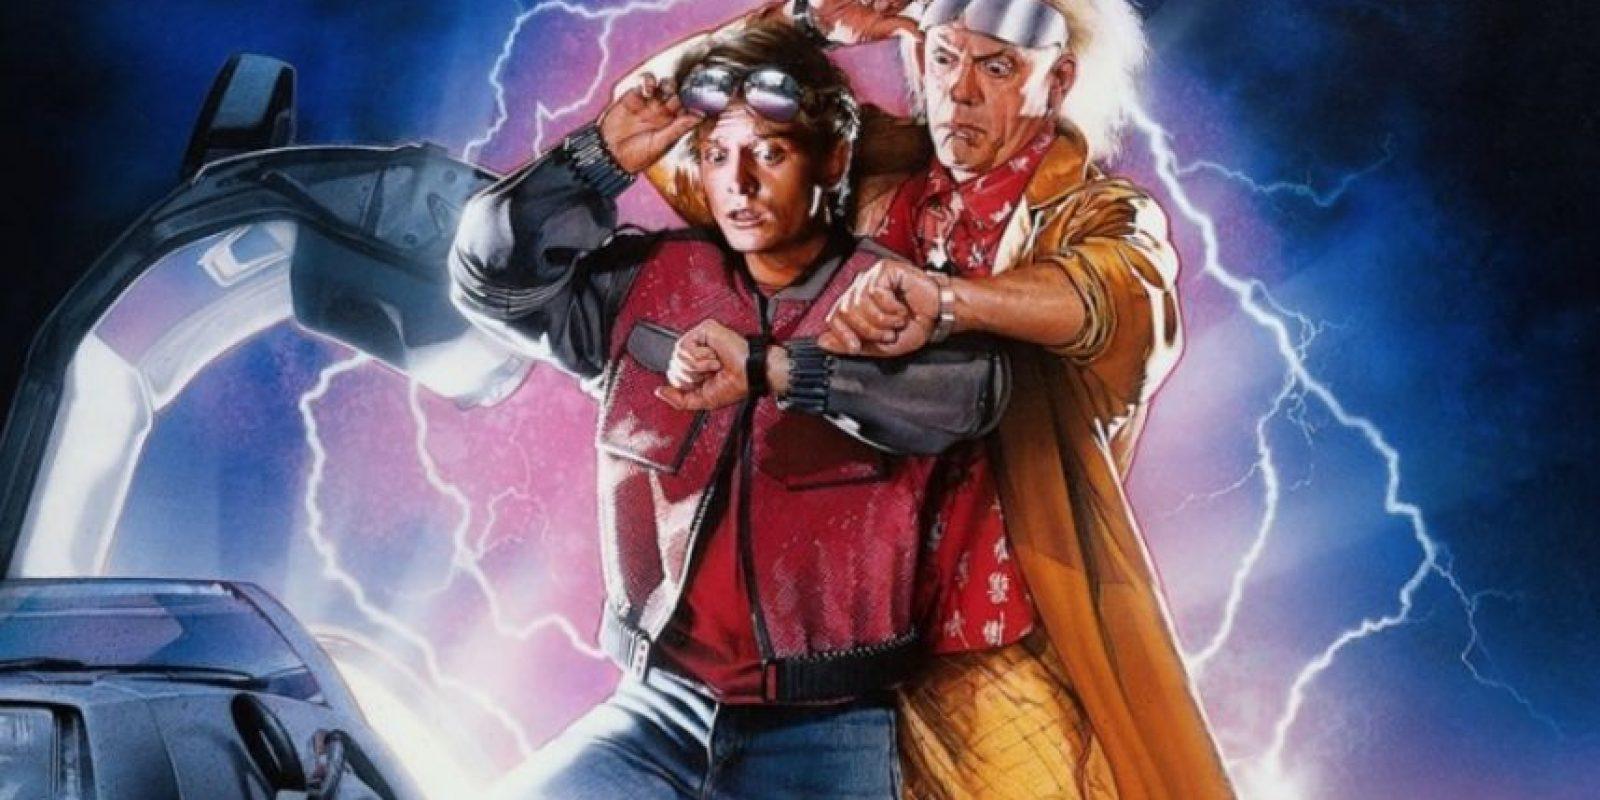 """La película """"Volver al Futuro"""", dirigida por Robert Zemckis, fue estrenada en 1985. Foto:Vía Twitter"""